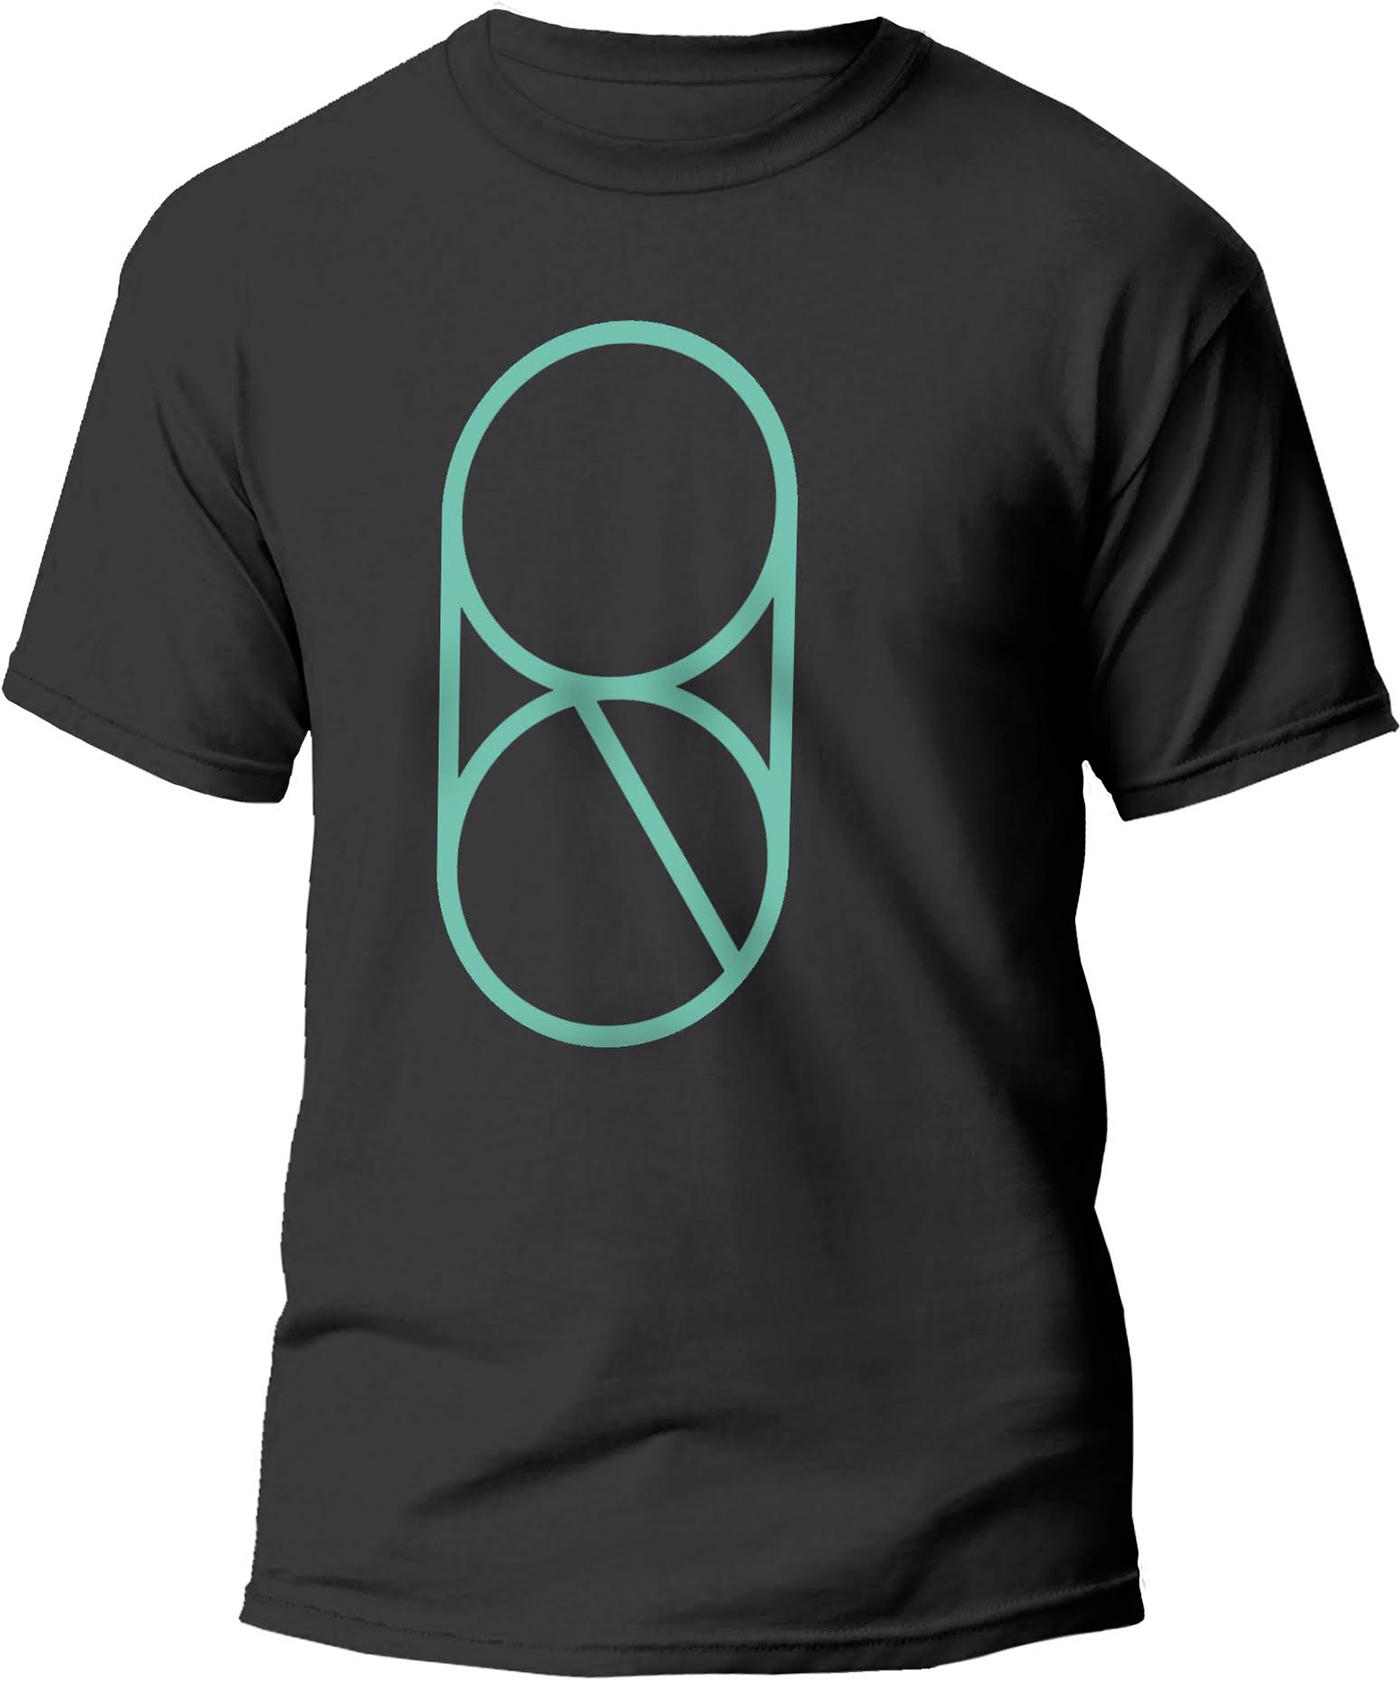 Image may contain: active shirt, shirt and t-shirt